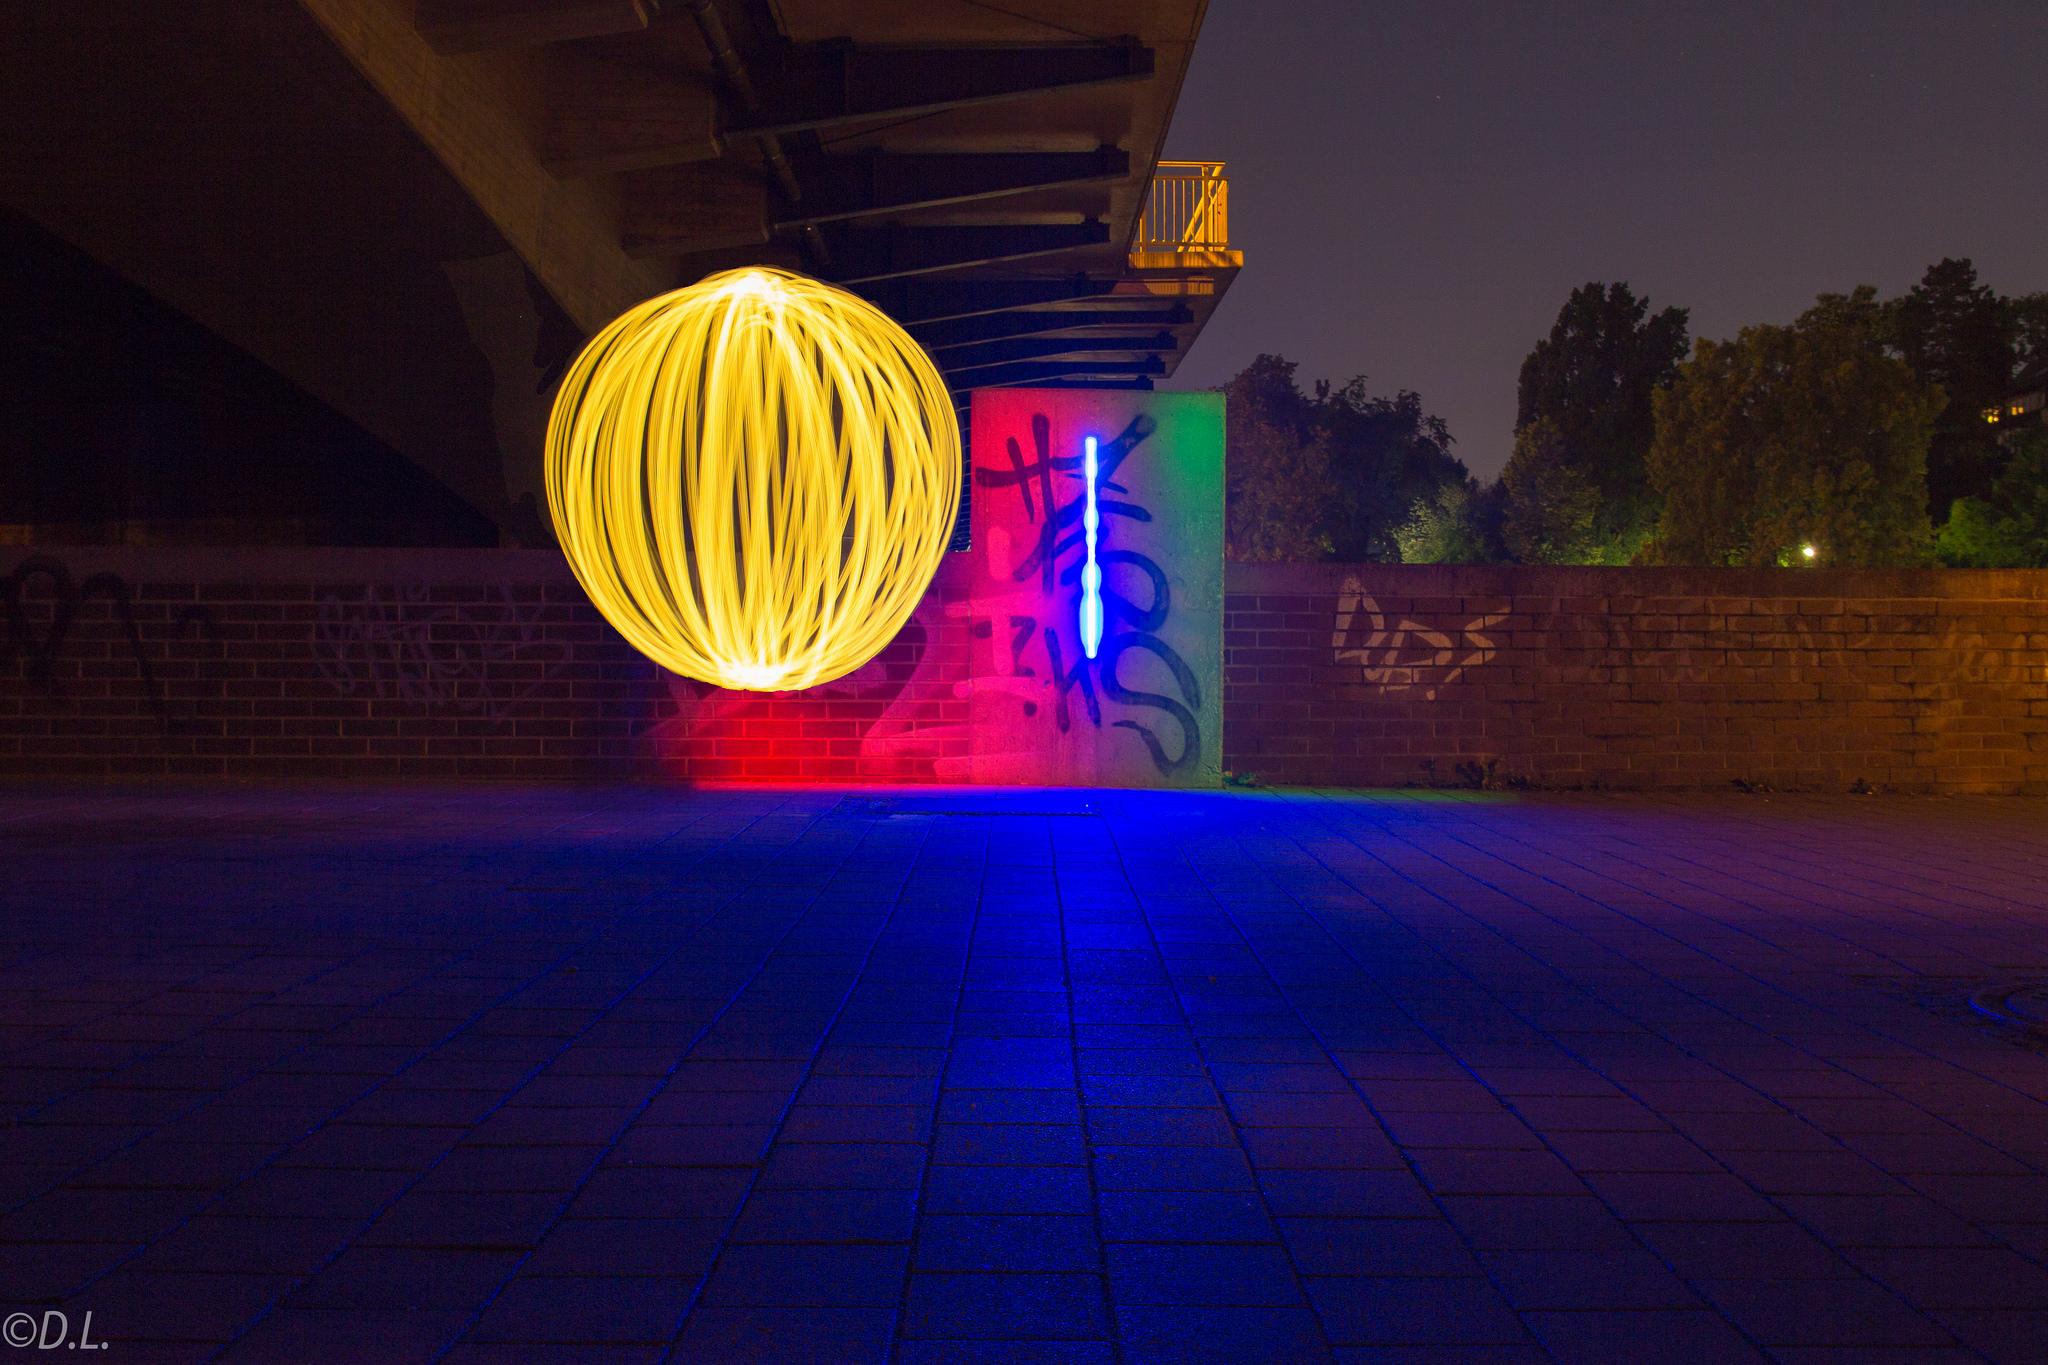 Lichtball unter farbiger Brücke